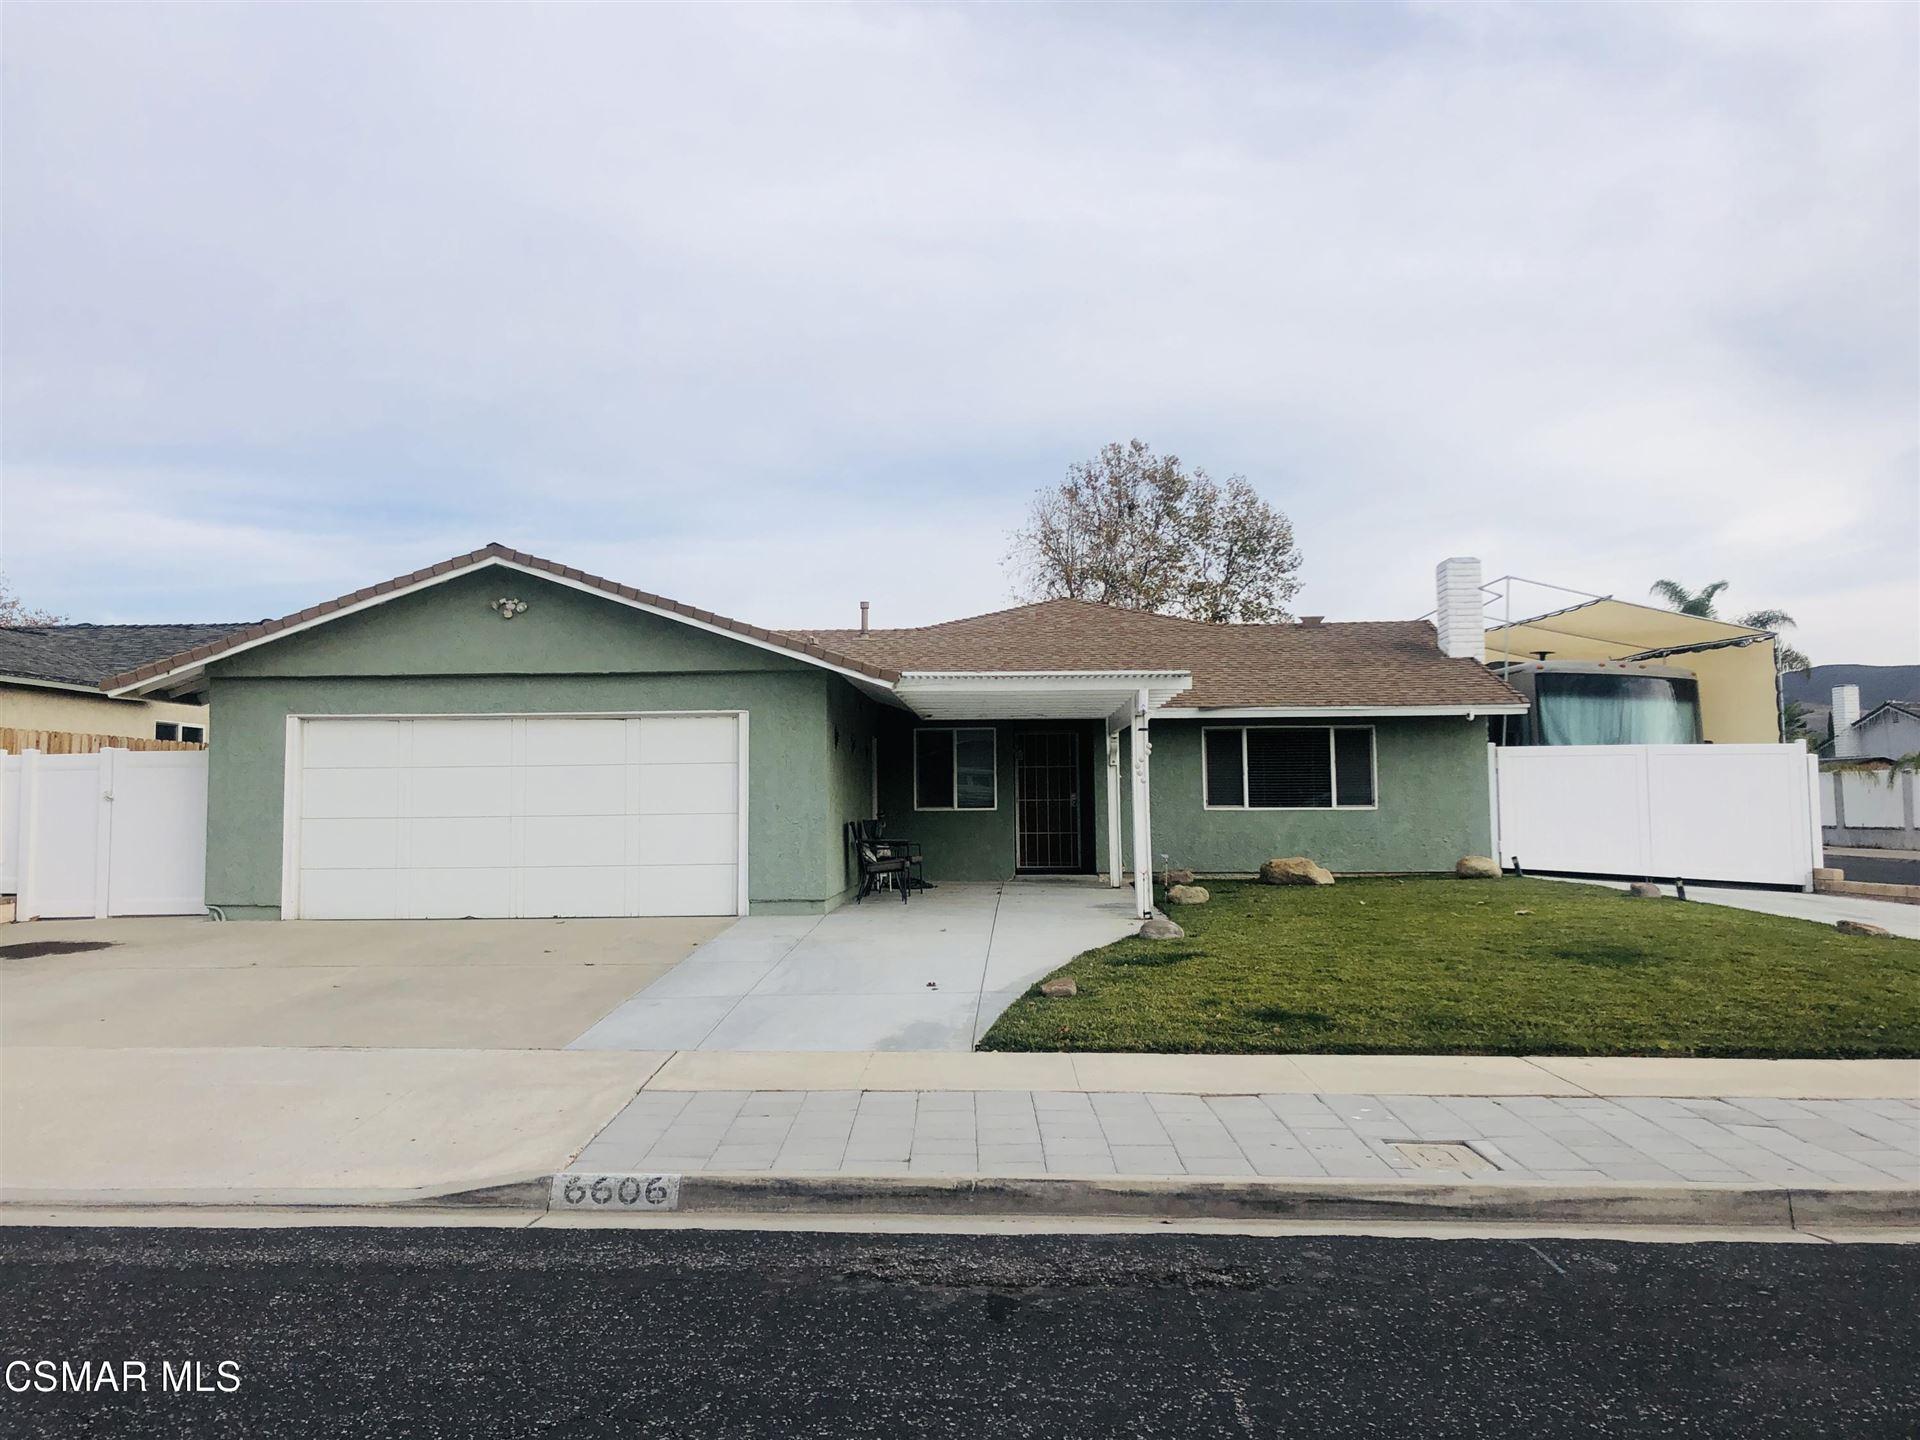 6606 N Berkeley Circle, Moorpark, CA 93021 - MLS#: 221000026